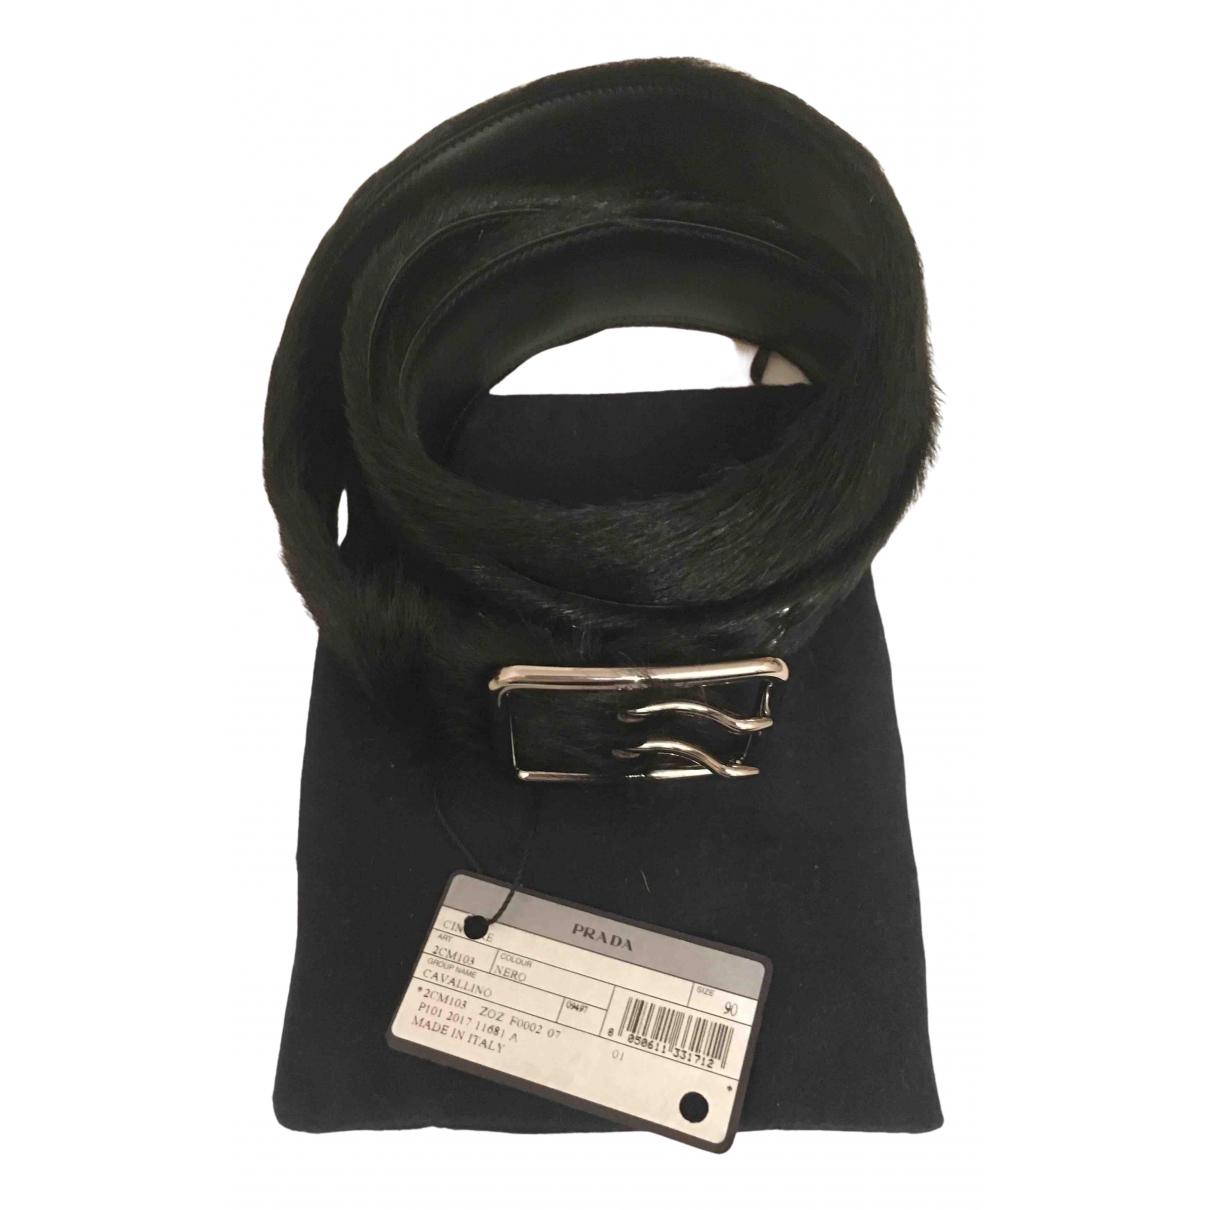 Cinturon de Cueros exoticos Prada